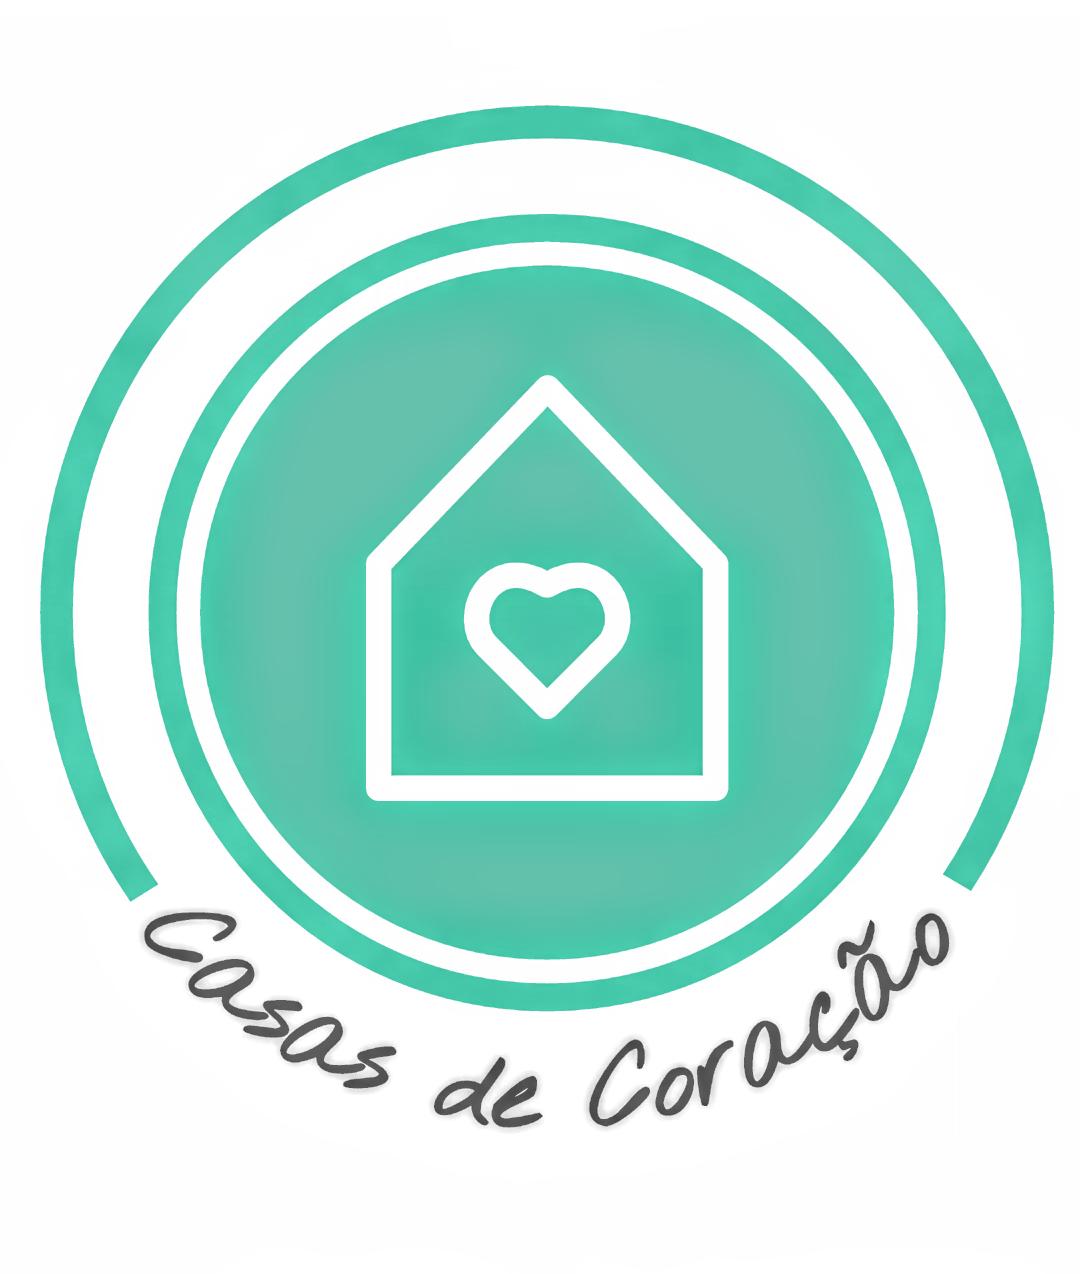 Casas de Coração - Guia Imobiliário